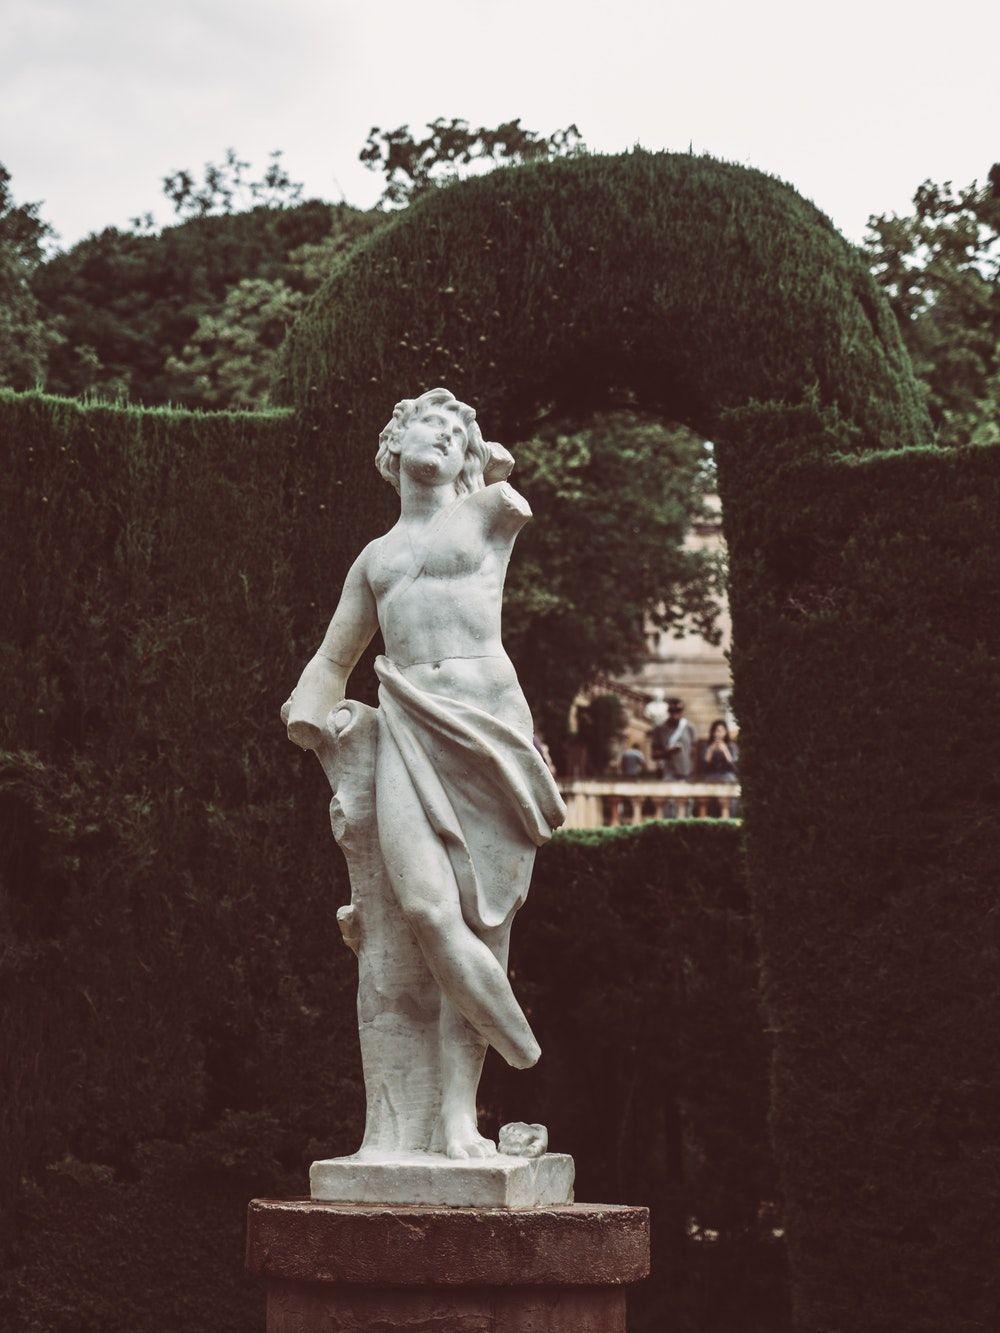 Greek Statues 4K Wallpapers - Top Free Greek Statues 4K ...